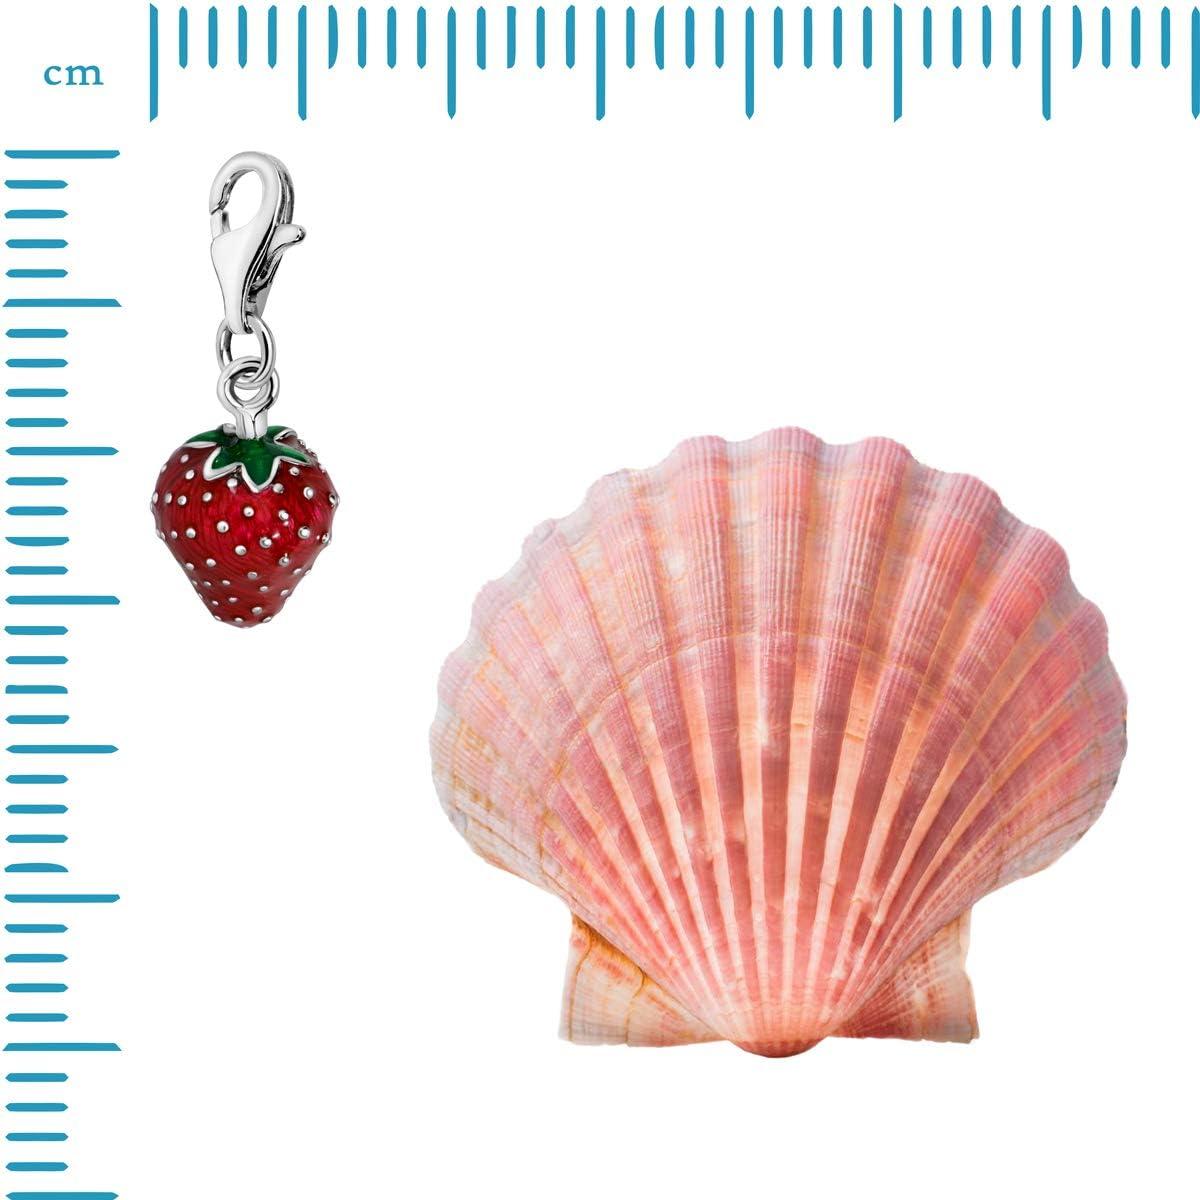 Quiges Plaqu/é Argent Th/ème Fruits et Baies Charm Breloque avec Fermoir /à Homard pour Les Bracelets